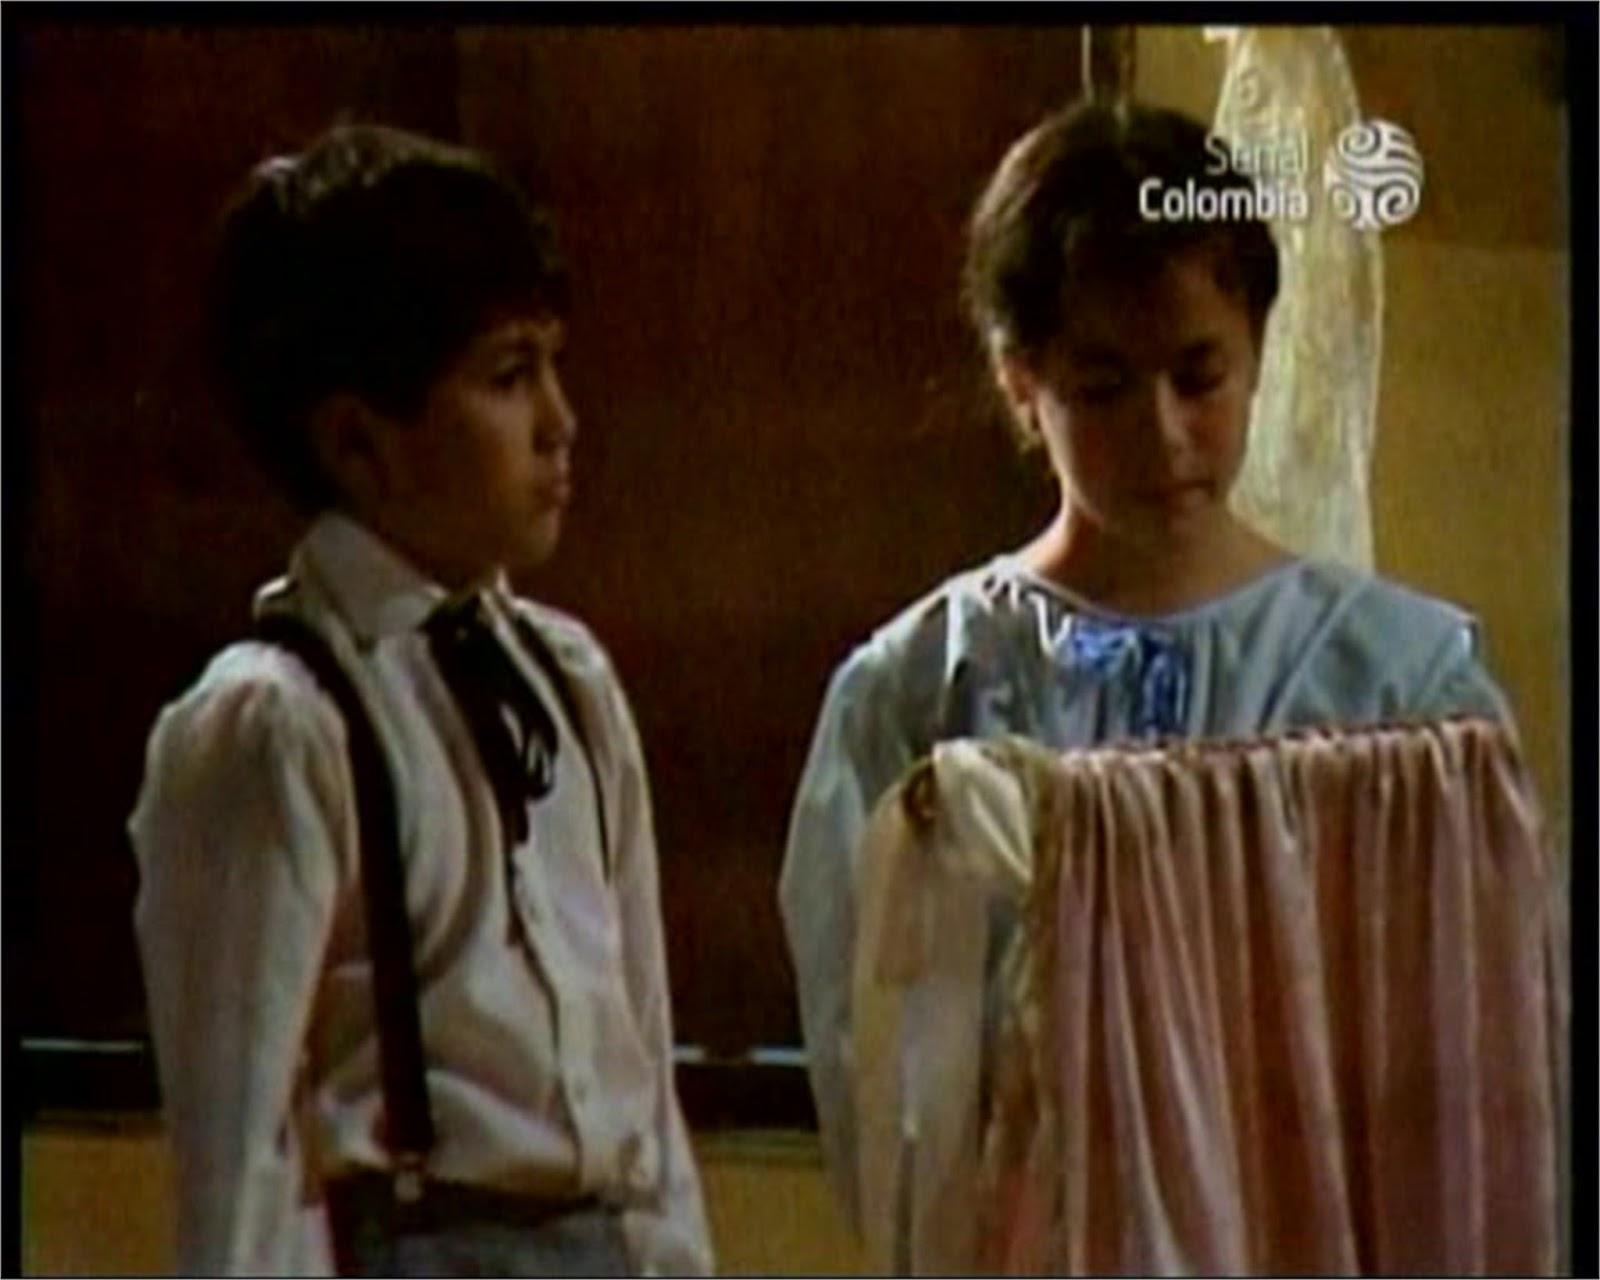 Danna García fotos..La Casa de las dos Palmas 1990 - Página 3 EVANGELINA+(DANNA+GARCIA+NI%C3%91A)+ZZG